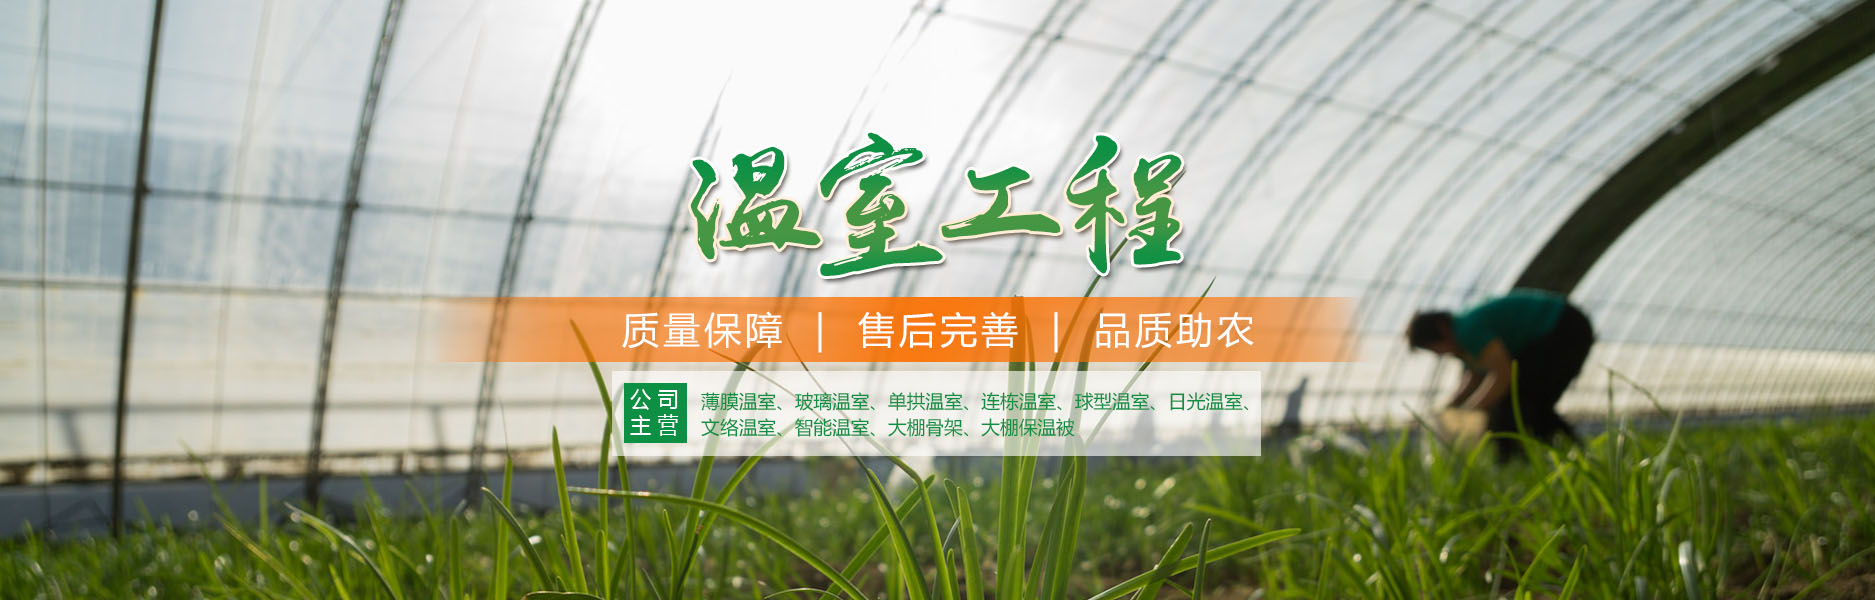 宁夏智能温室造价公司